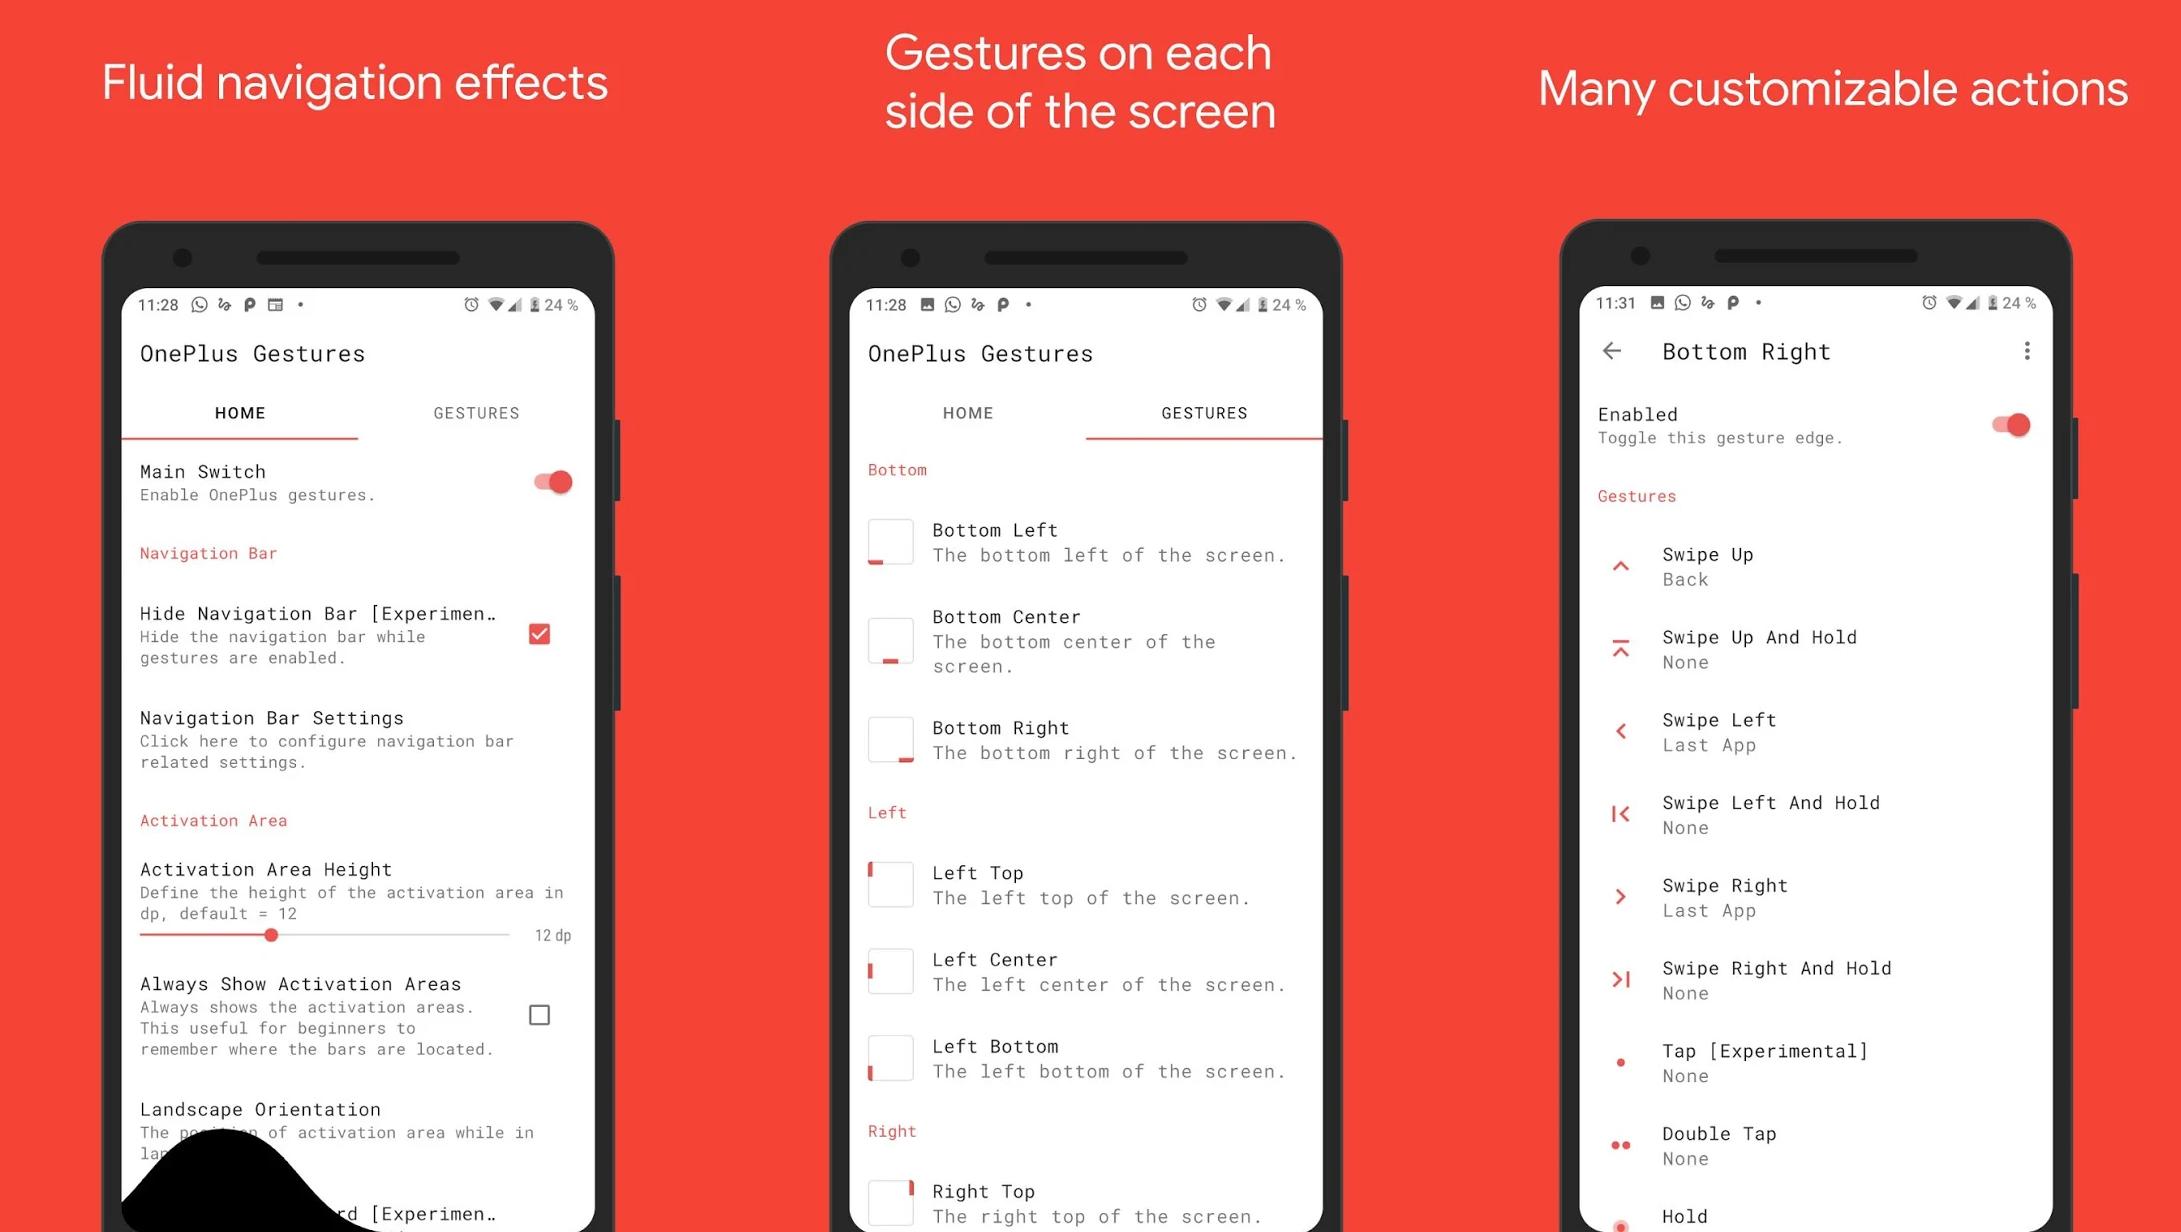 One + Gestures 2 0 update brings new gesture areas and types, visual